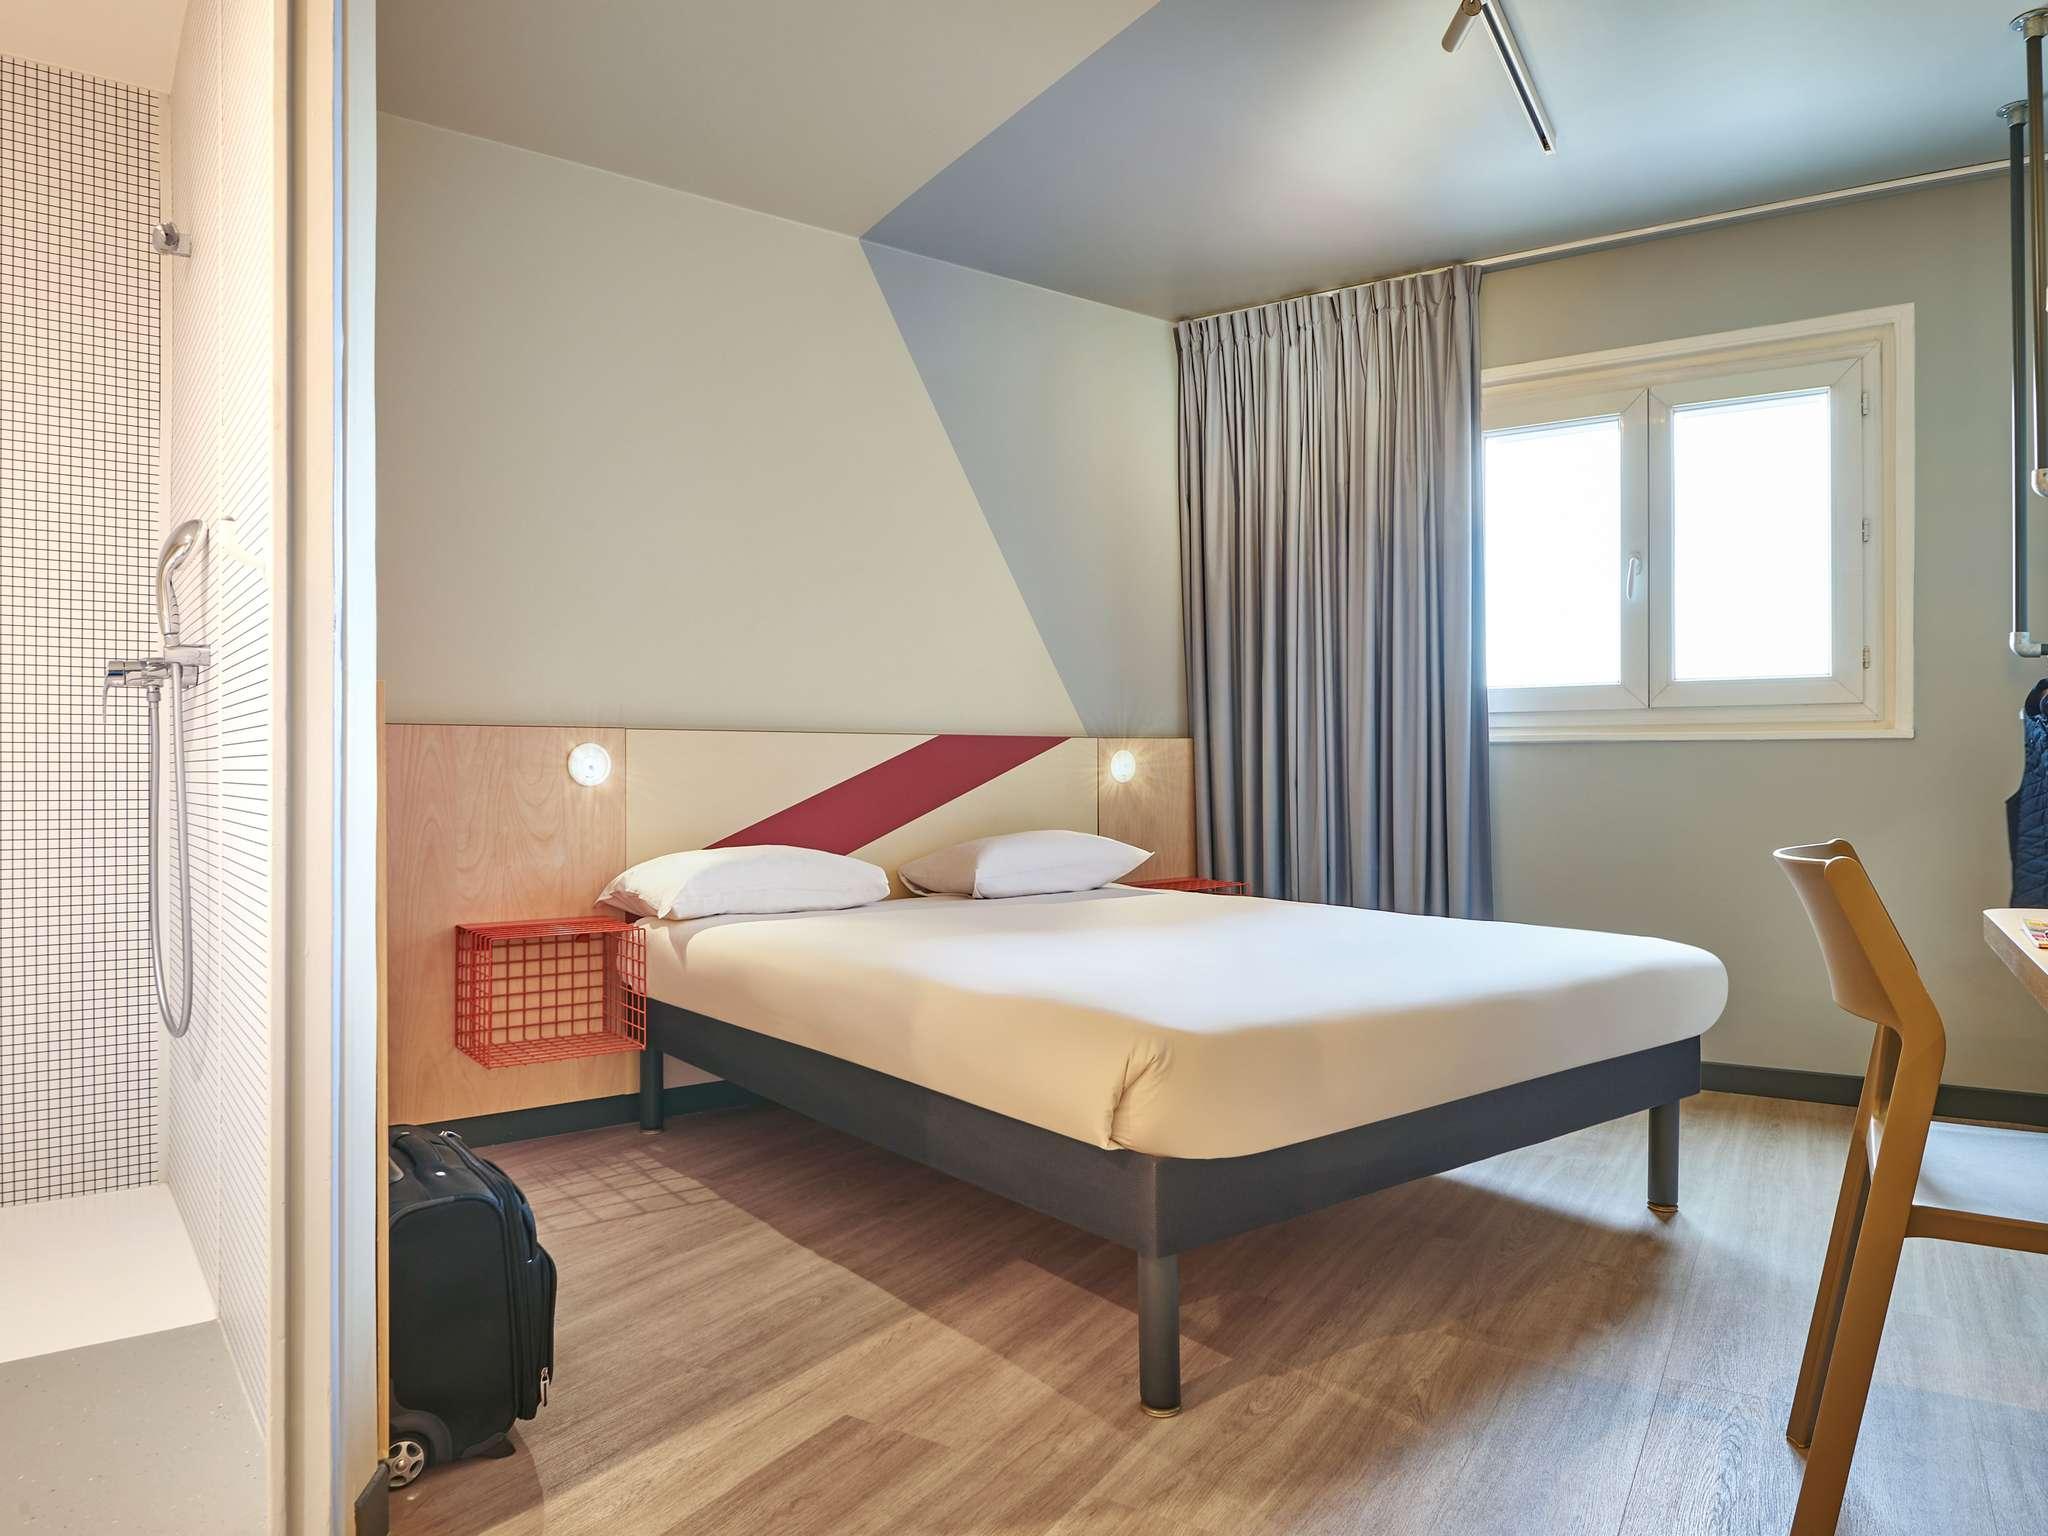 H tel aubervilliers ibis budget paris aubervilliers for Hotel paris x